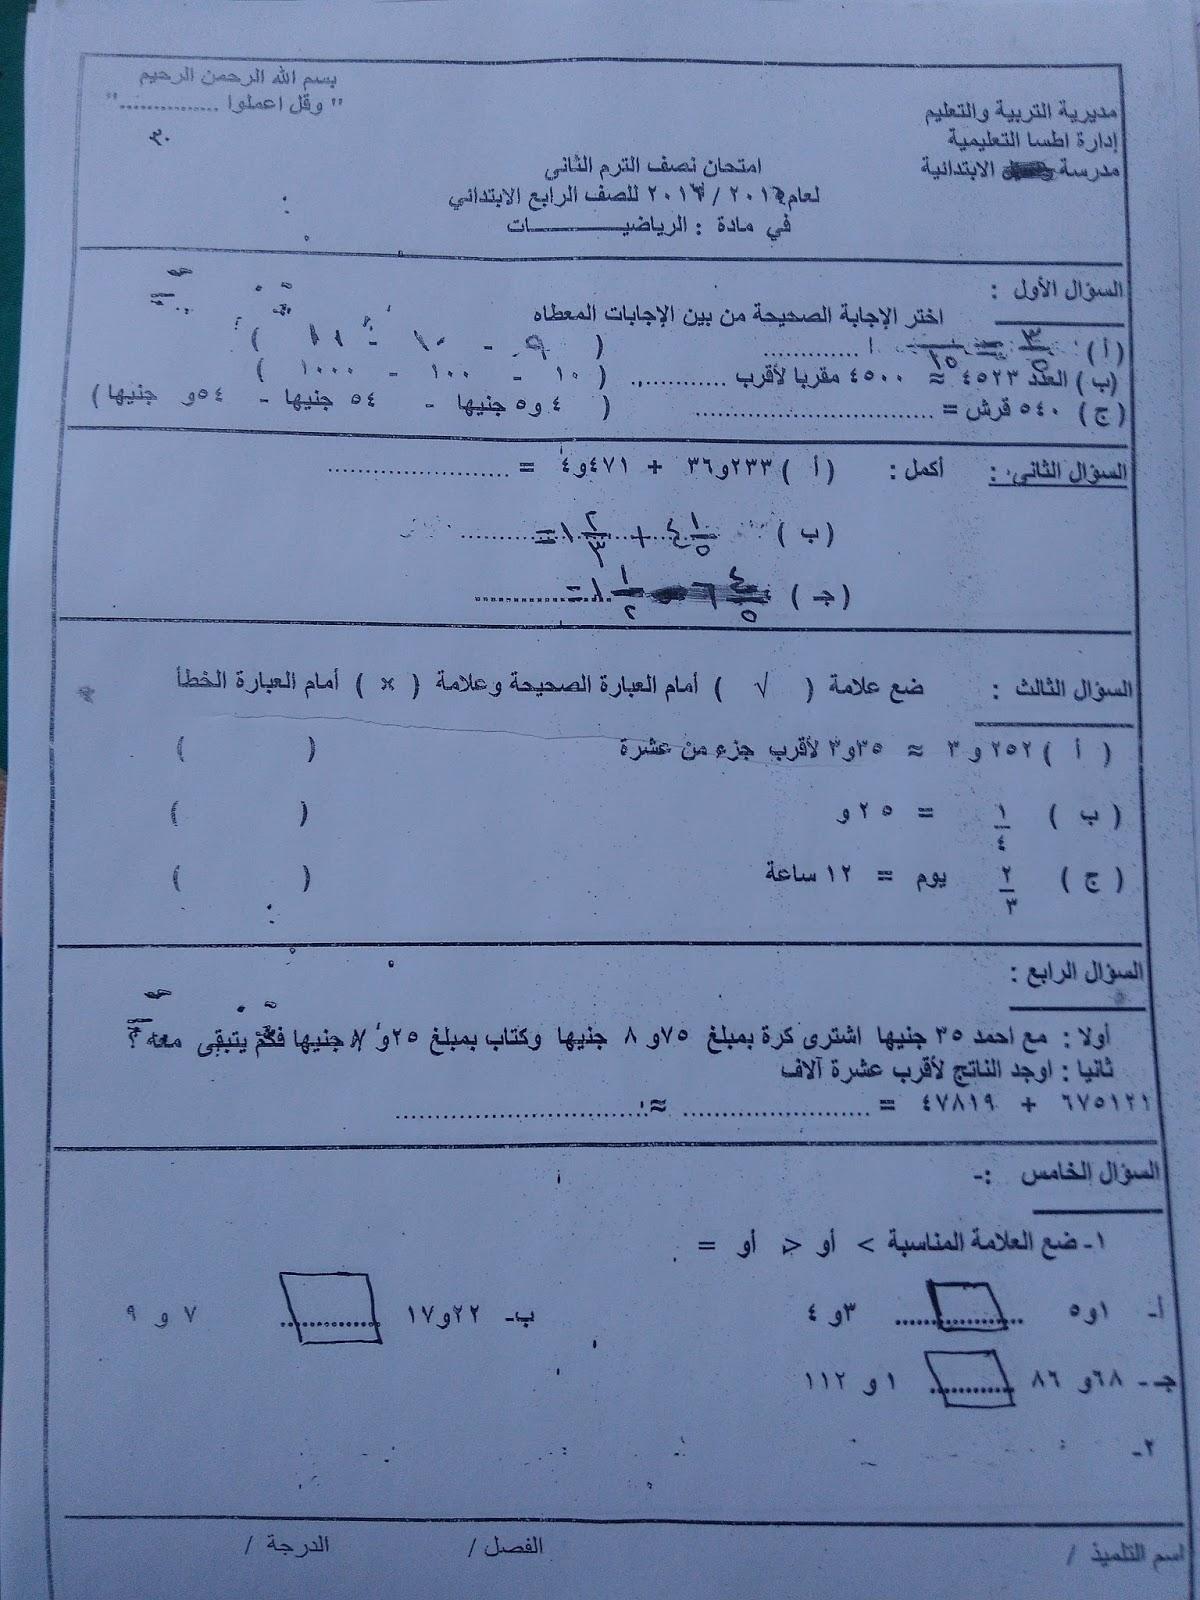 تحميل امتحان ميد ترم في الرياضيات الصف الرابع الابتدائي الترم الثاني